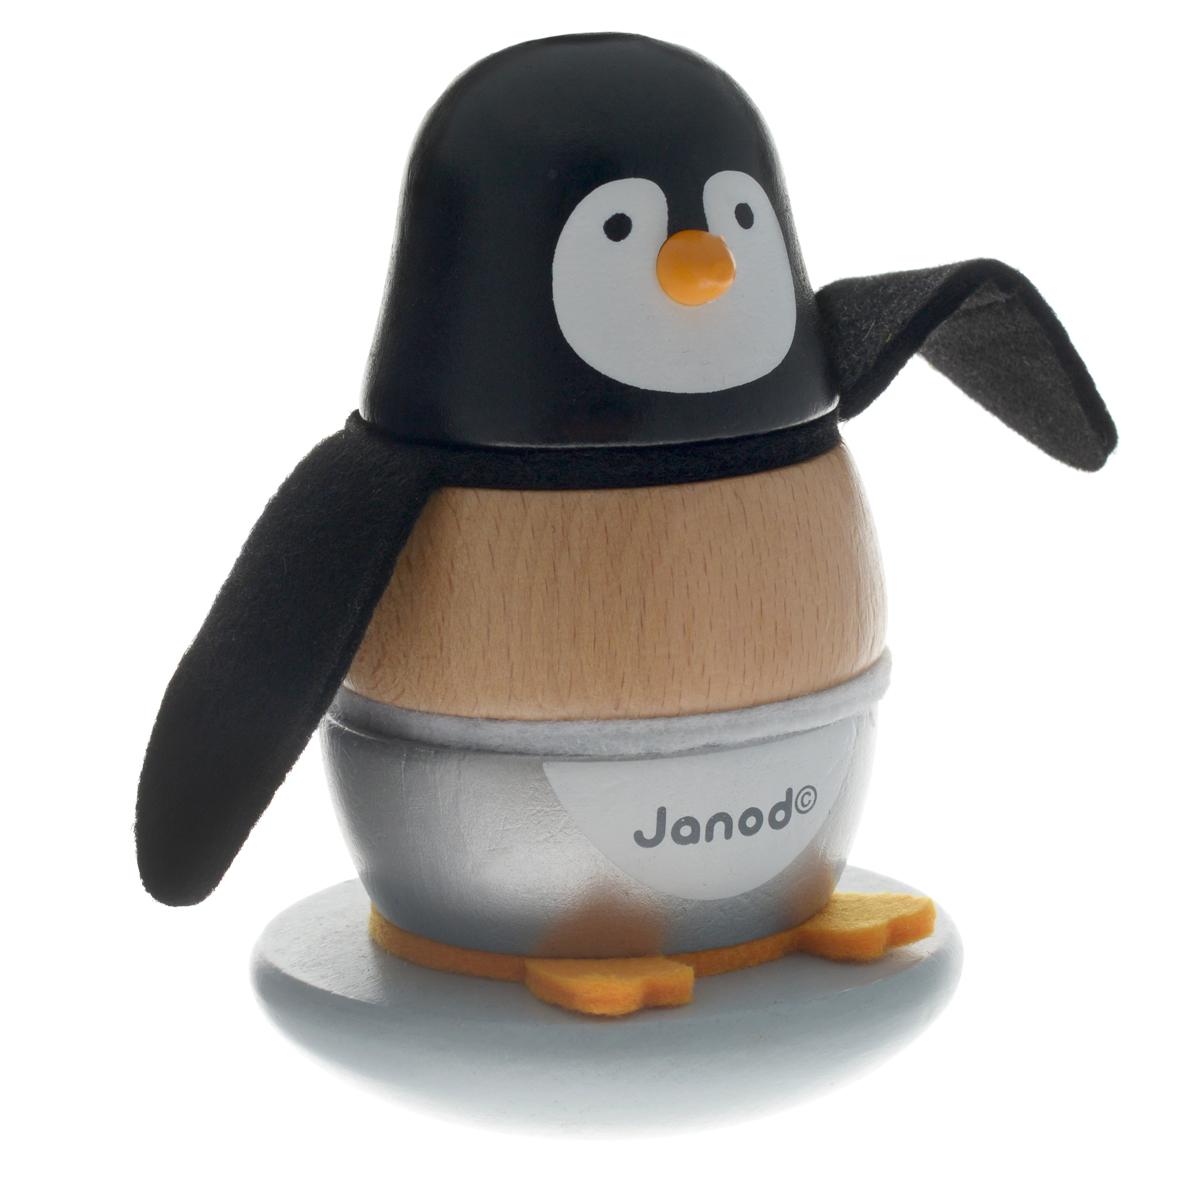 Пирамидка Janod ПингвинчикJ08127Пирамидка Janod Пингвинчик несомненно заинтересует вашего малыша. Яркая пирамидка выполнена в виде пингвина и состоит из основания со штырьком, на который нанизываются деревянные и текстильные элементы. Основание игрушки закруглено, благодаря чему она может раскачиваться, и ее трудно уронить. Игрушка выполнена из натуральной экологически чистой древесины и окрашена безвредными красками на водной основе. Игры с пирамидкой развивают у малышей мелкую моторику рук, координацию движений, знакомят с понятиями формы, цвета и размера предмета.